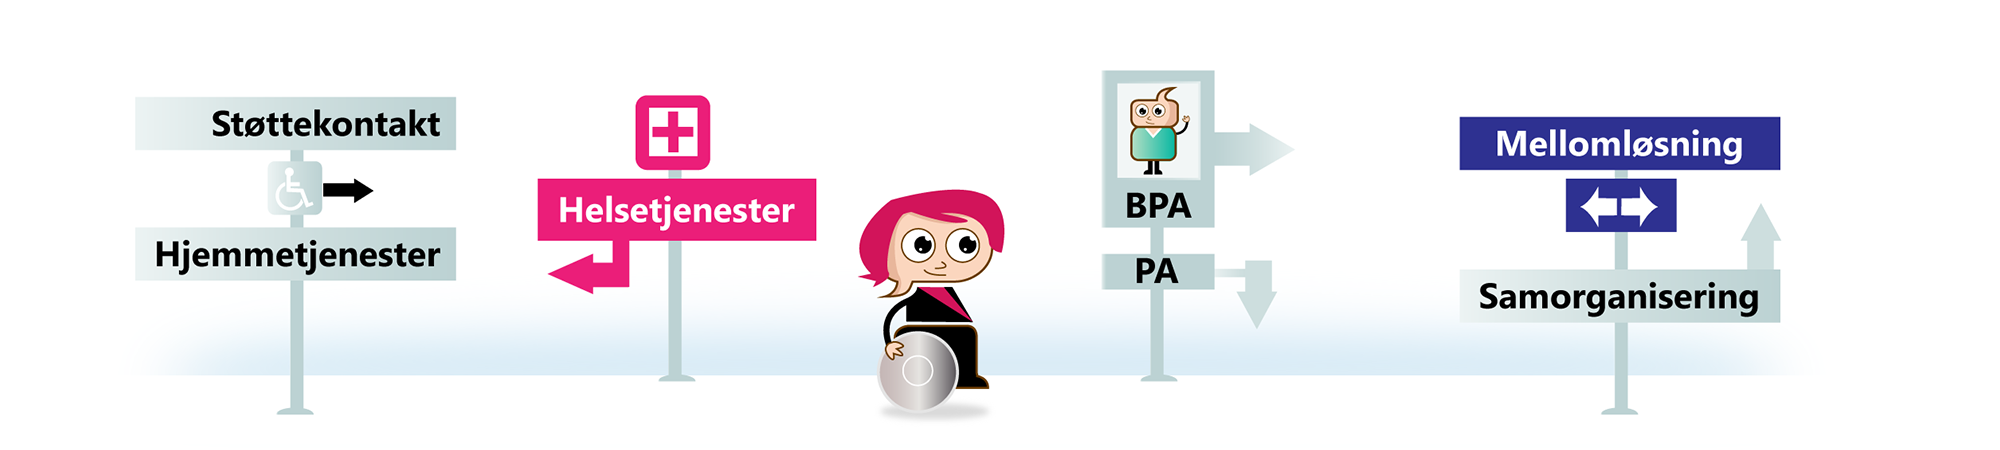 Illustrasjon til test del 10 - Snakk om BPA